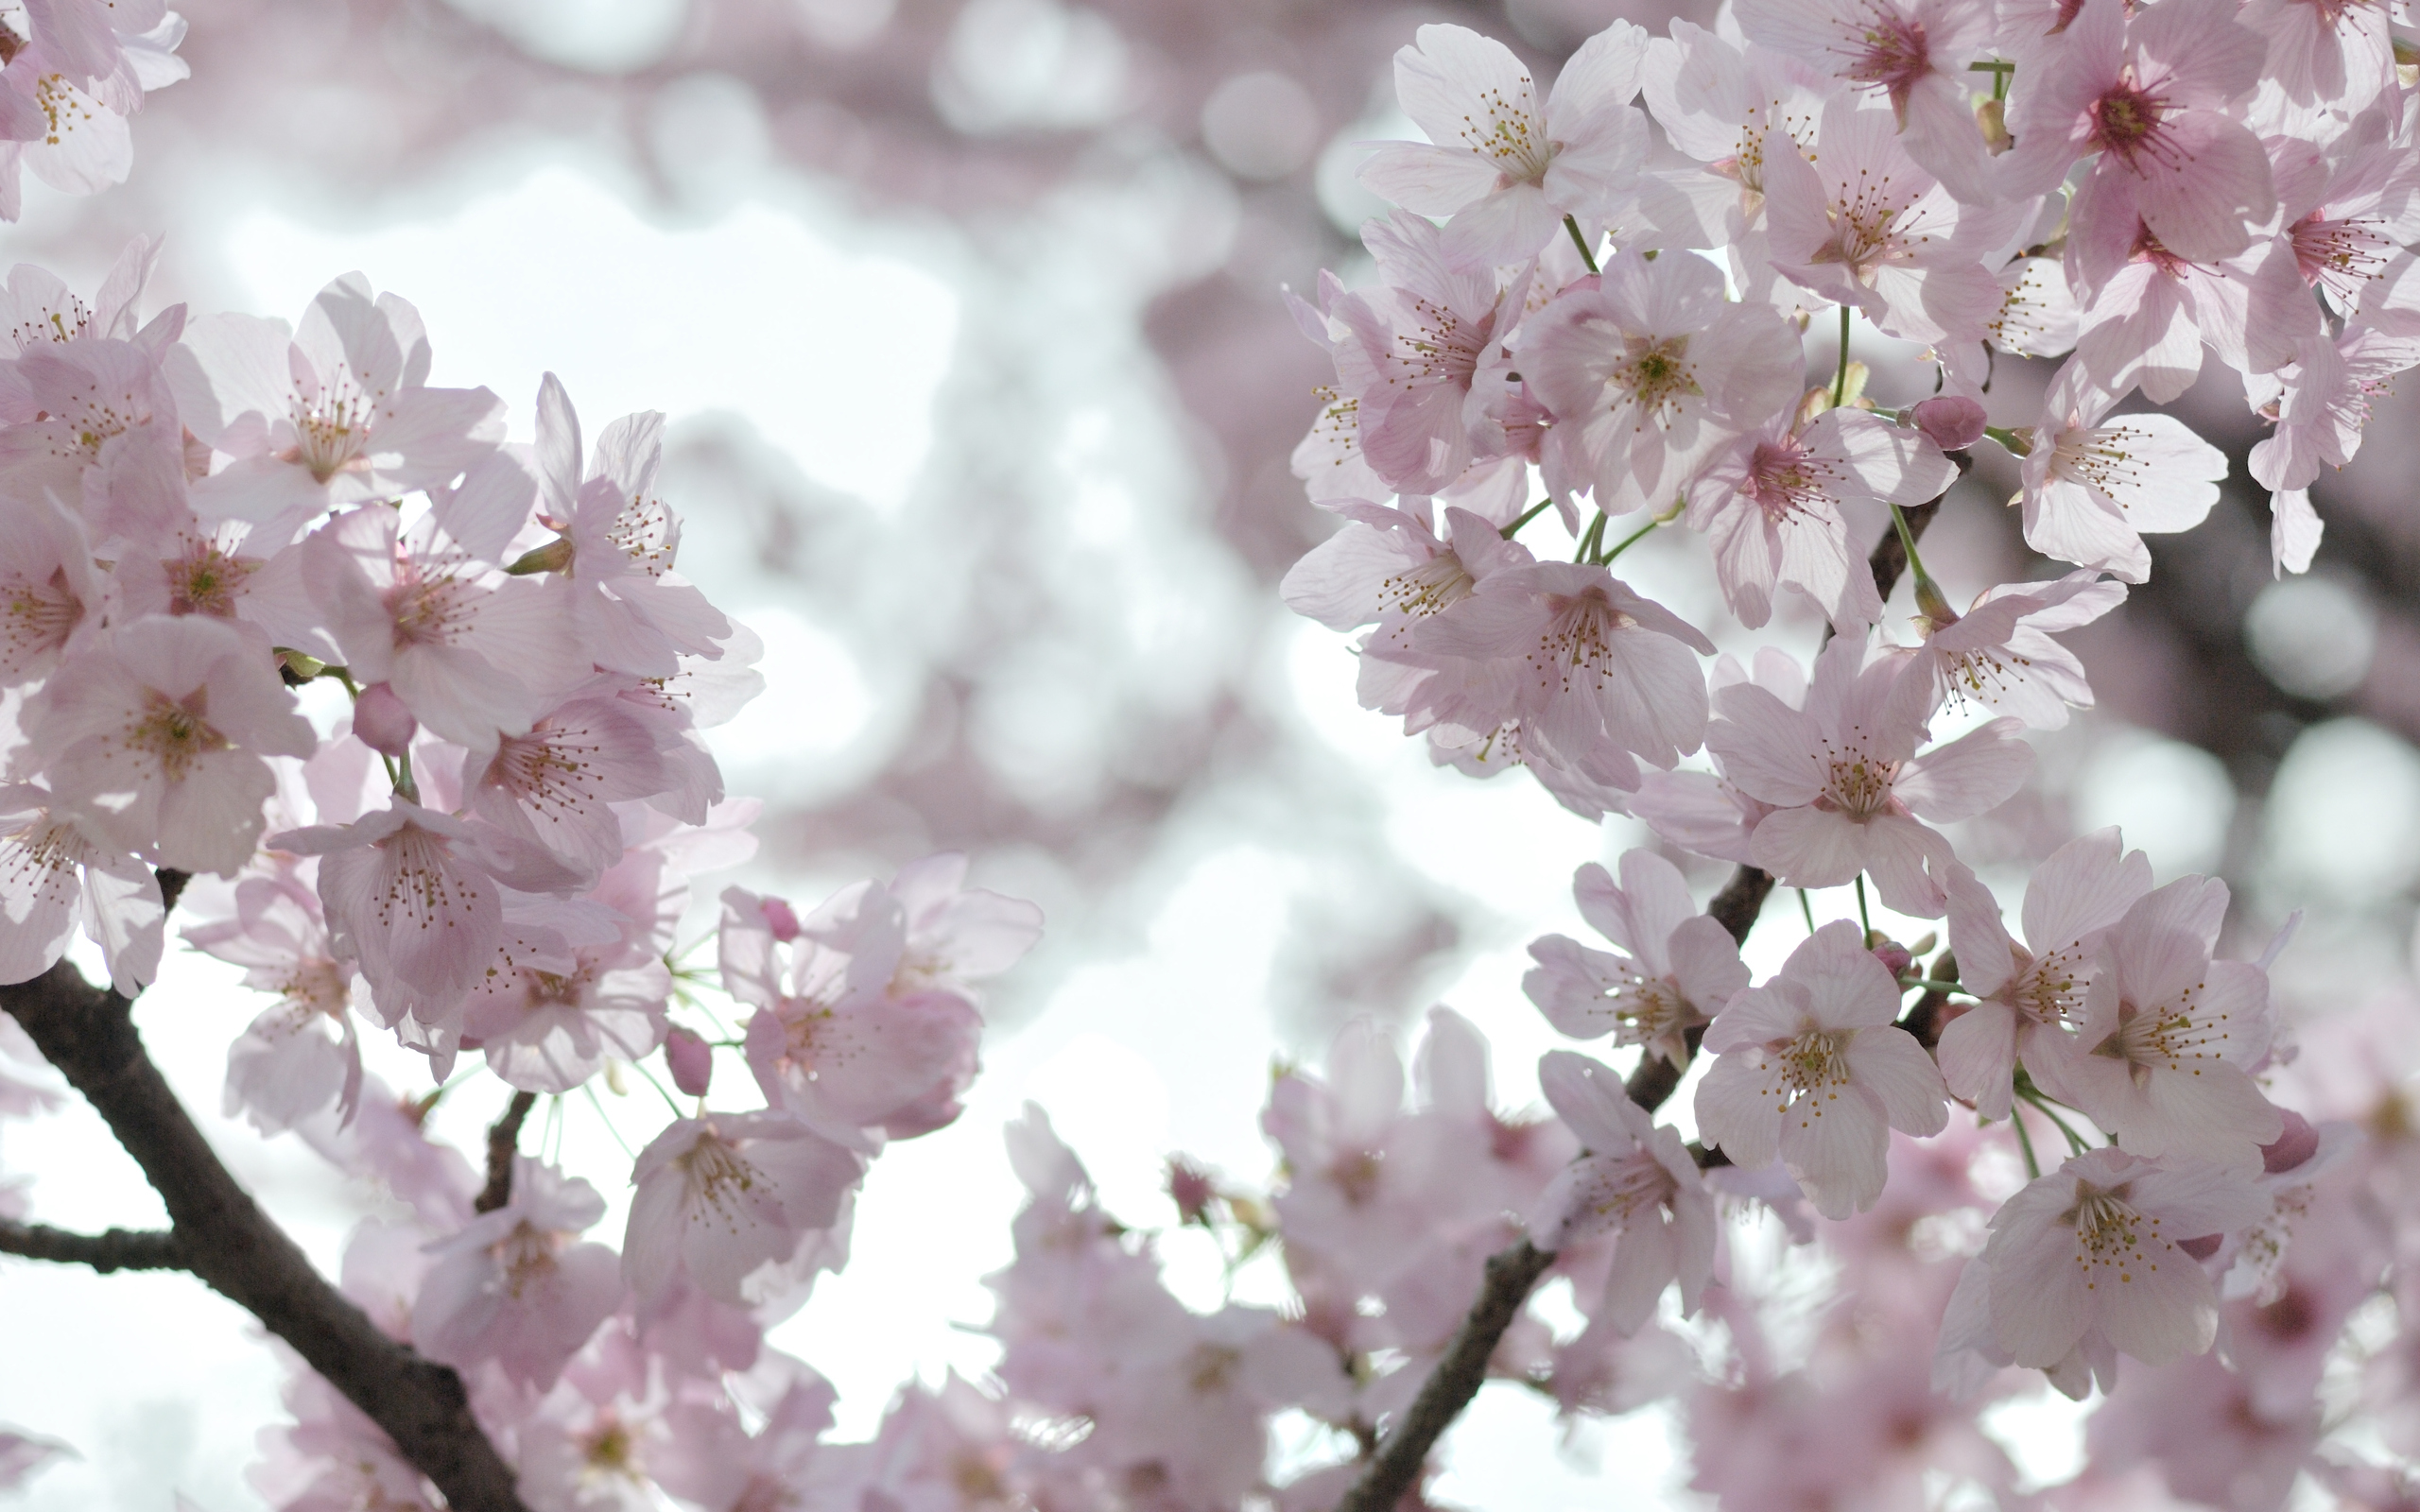 картинках цветение деревьев бело розовым цветом фото или иному